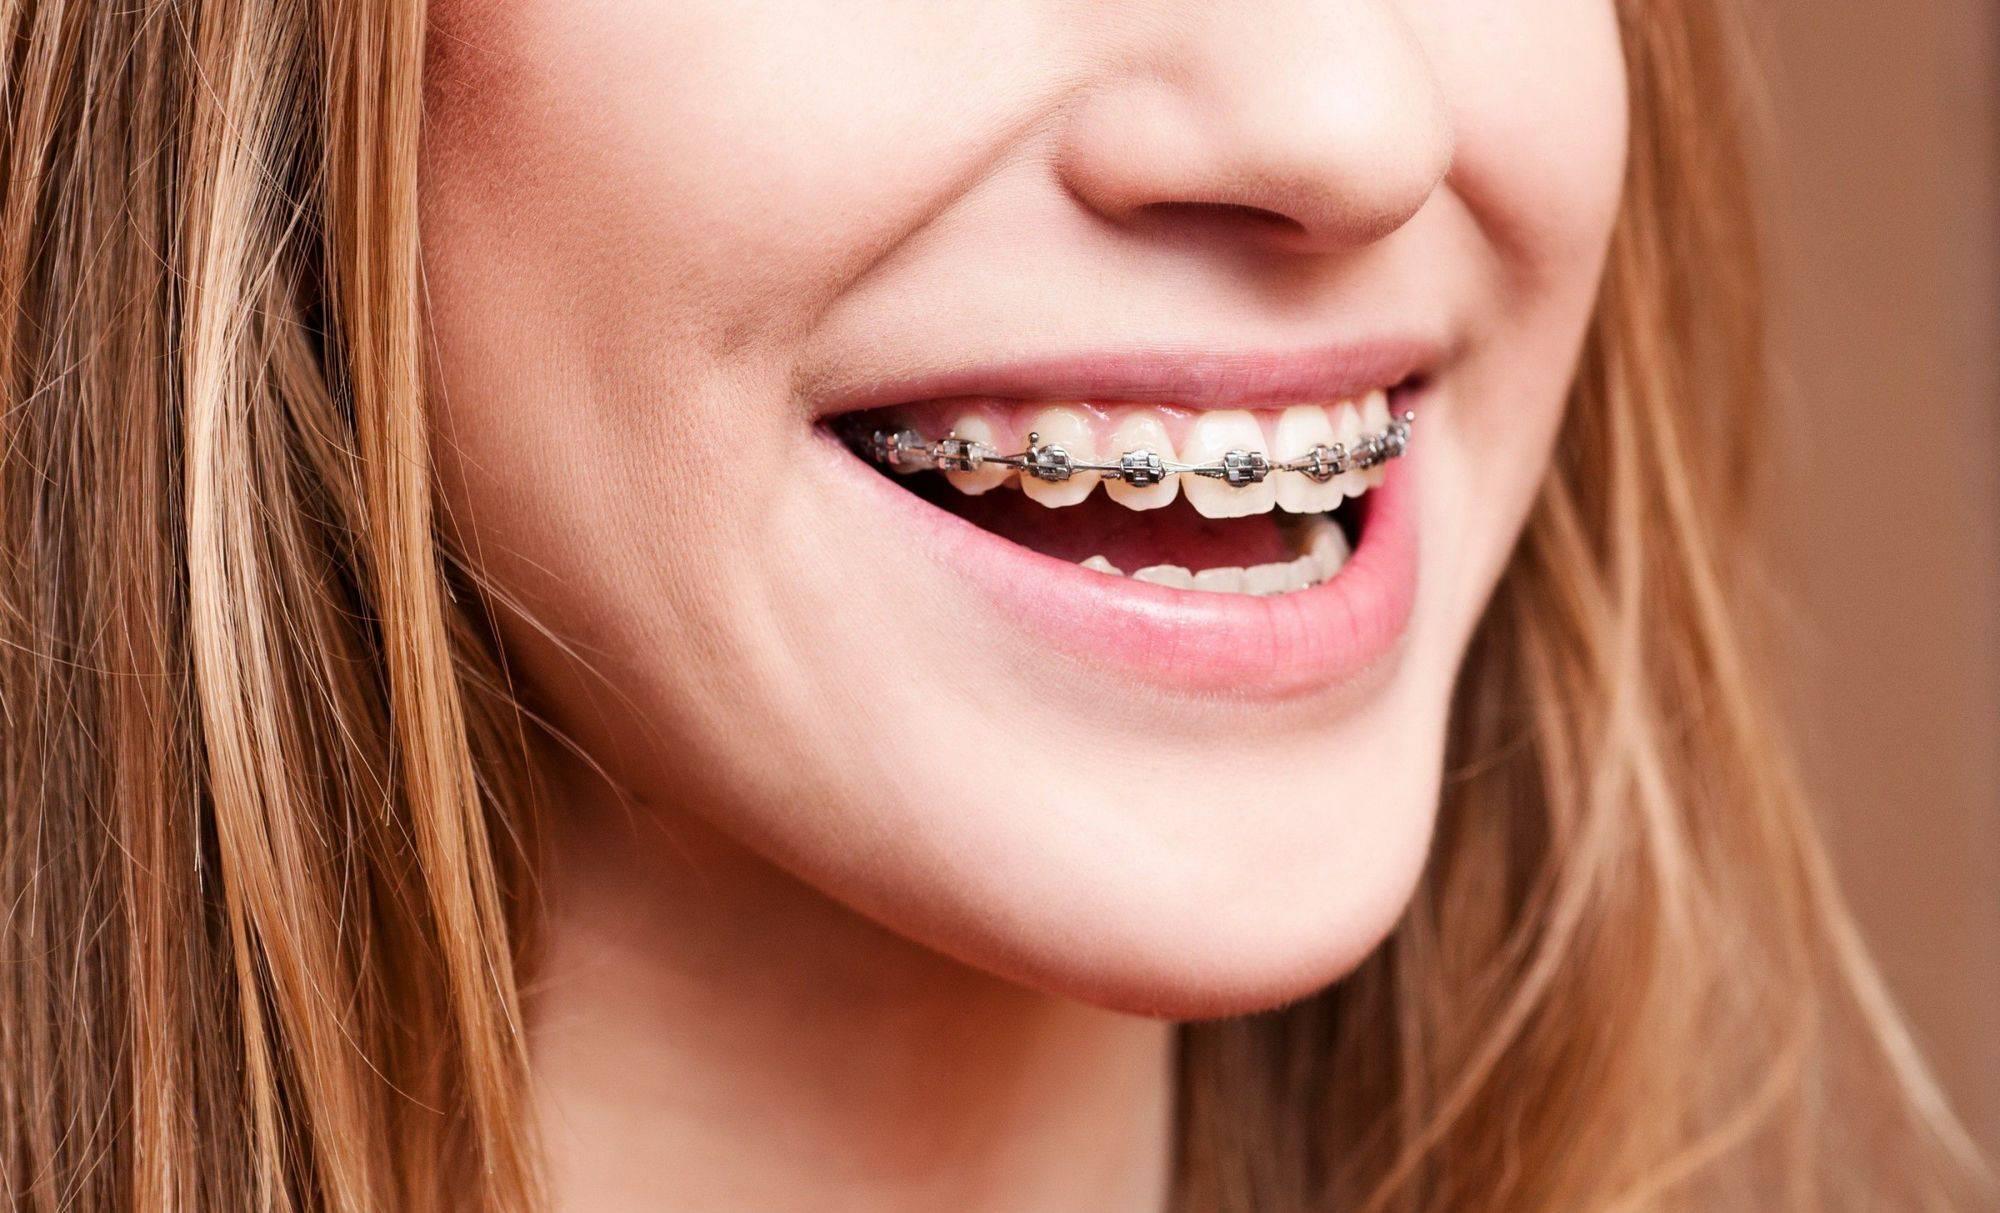 Металлические лигатурные брекеты в москве - цены от 1450 рублей, адреса стоматологий, отзывы пациентов